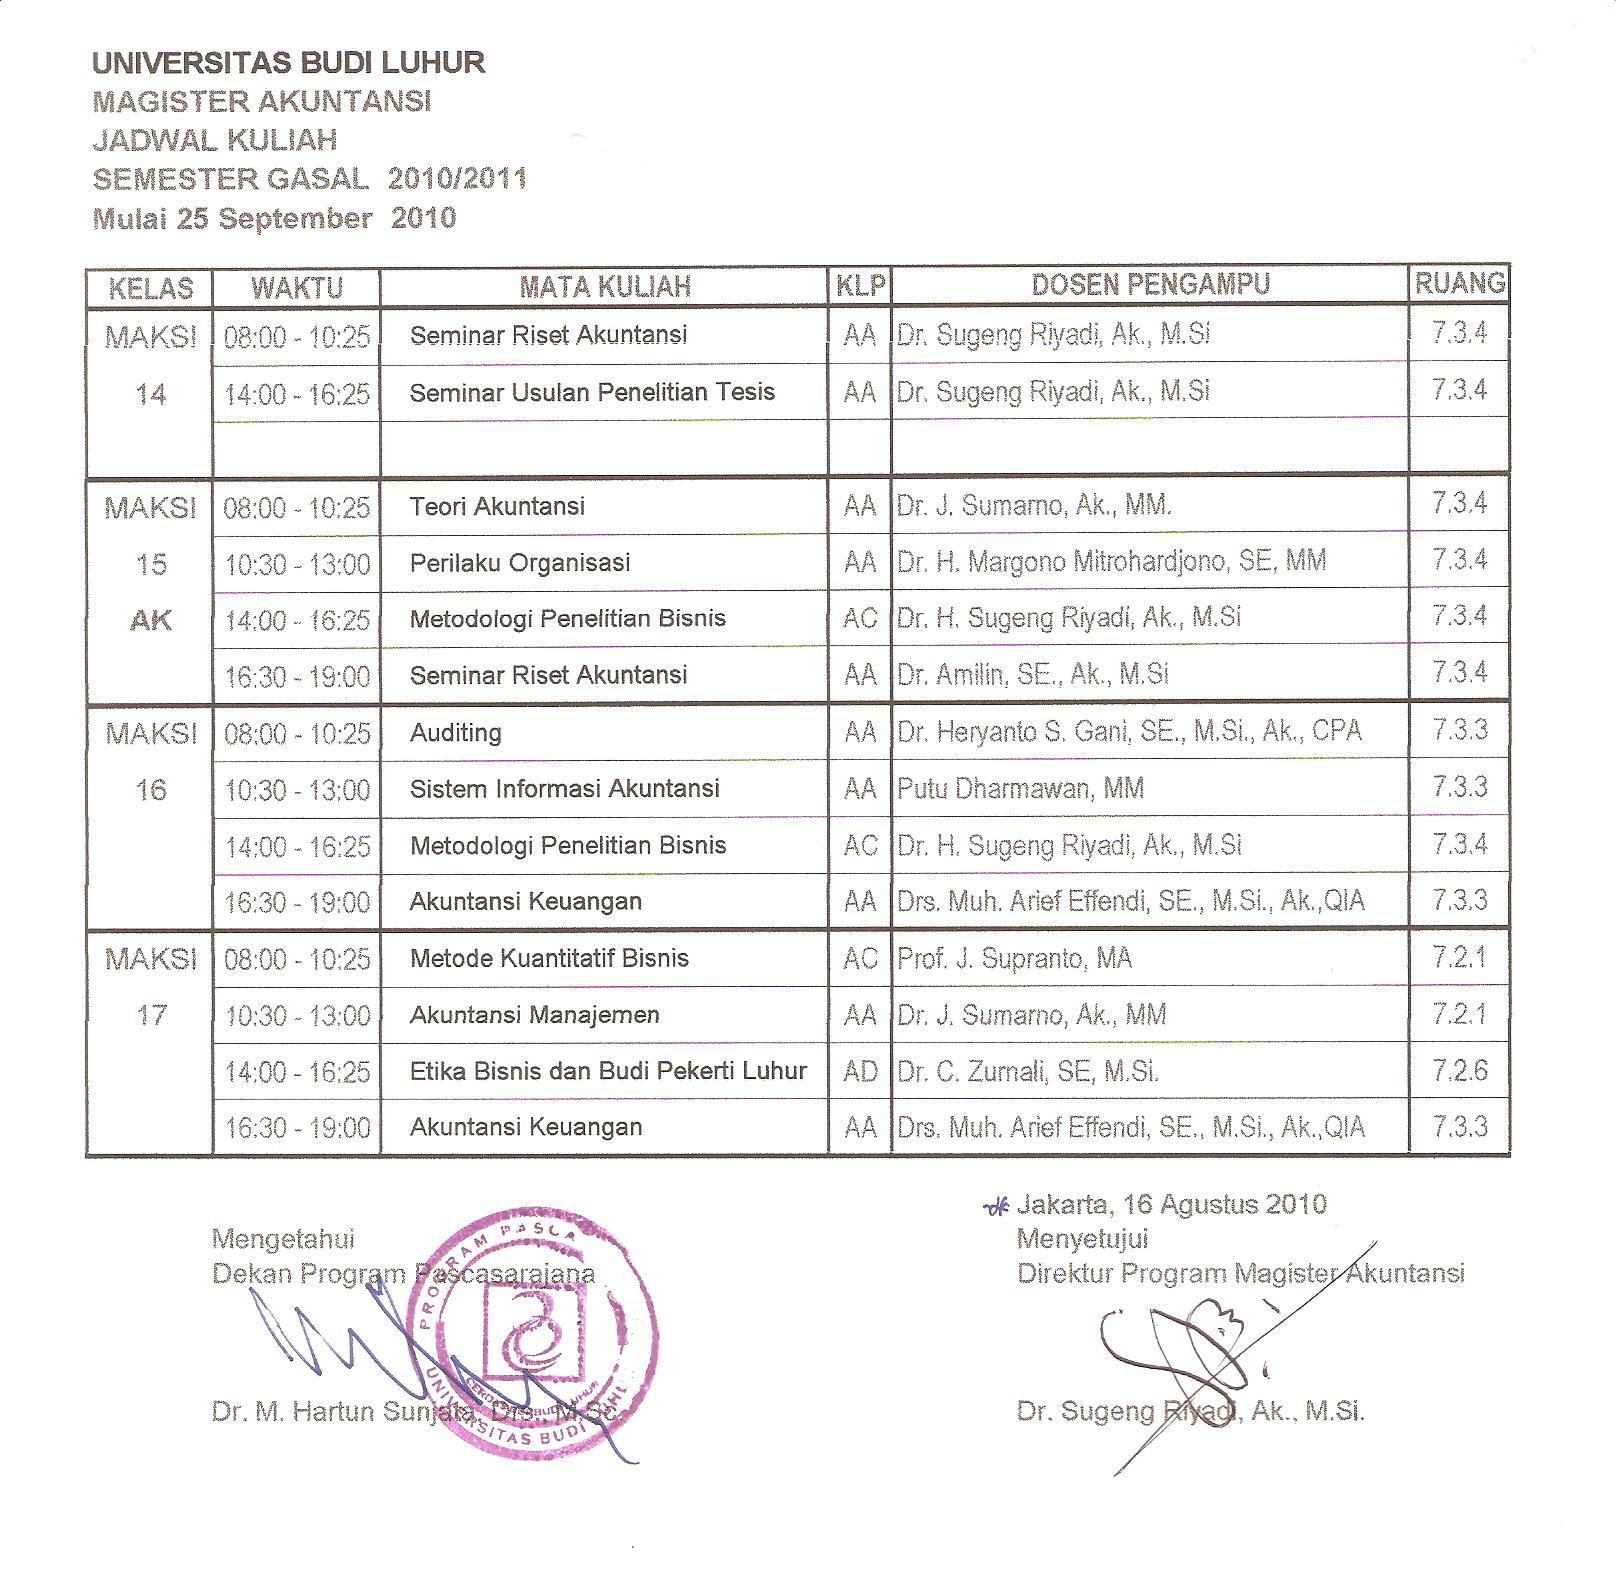 Jadwal Kuliah Program Magister Akuntansi (MAKSI) Klik di sini